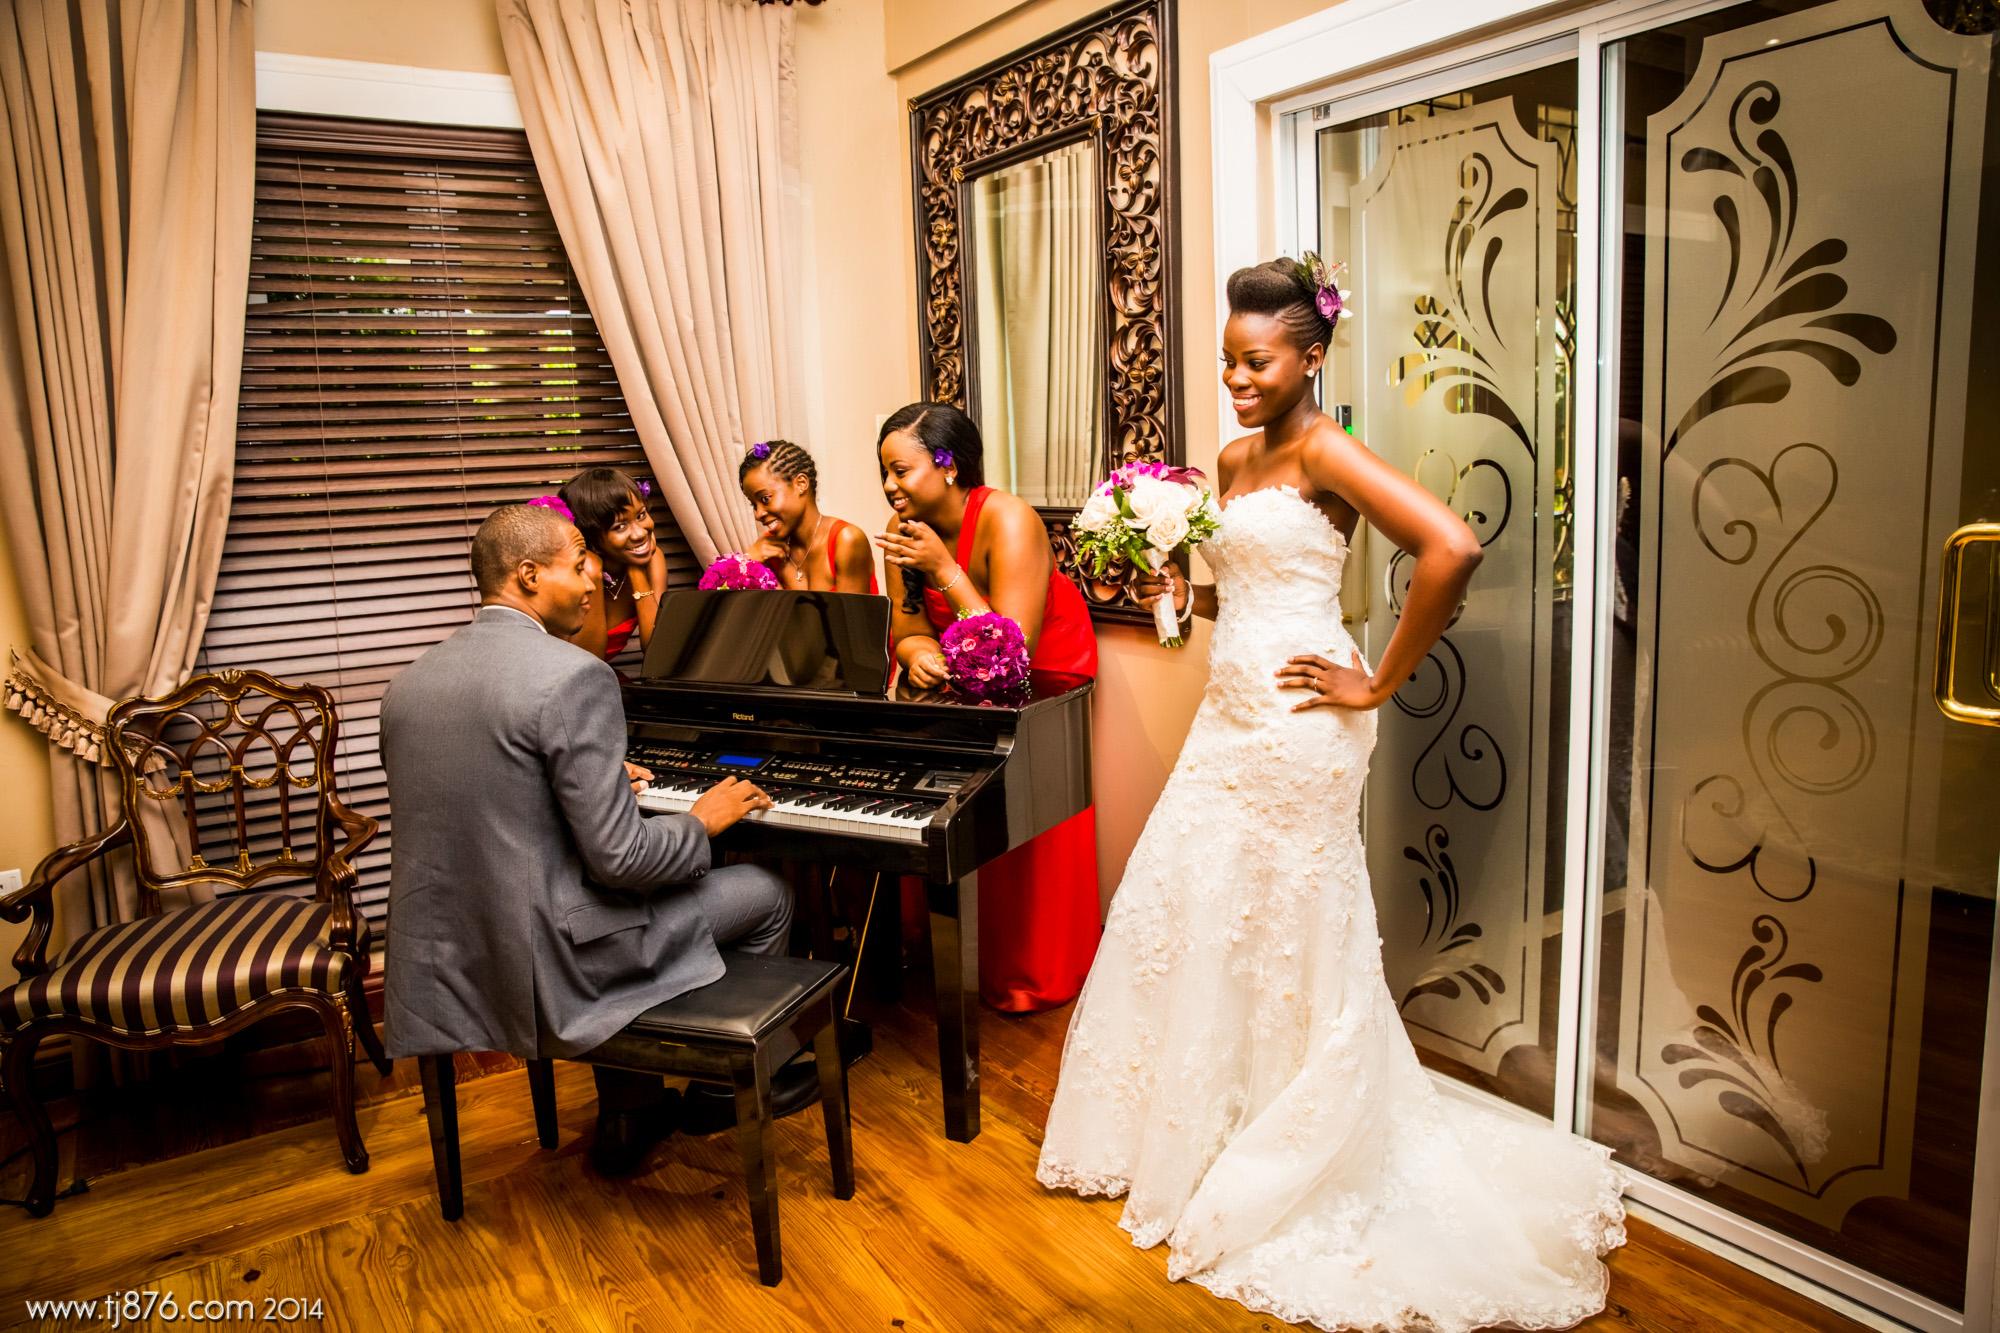 Tj876 Eden Gardens Wedding Jamaica 38 Tj876 Jamaican Lifestyle